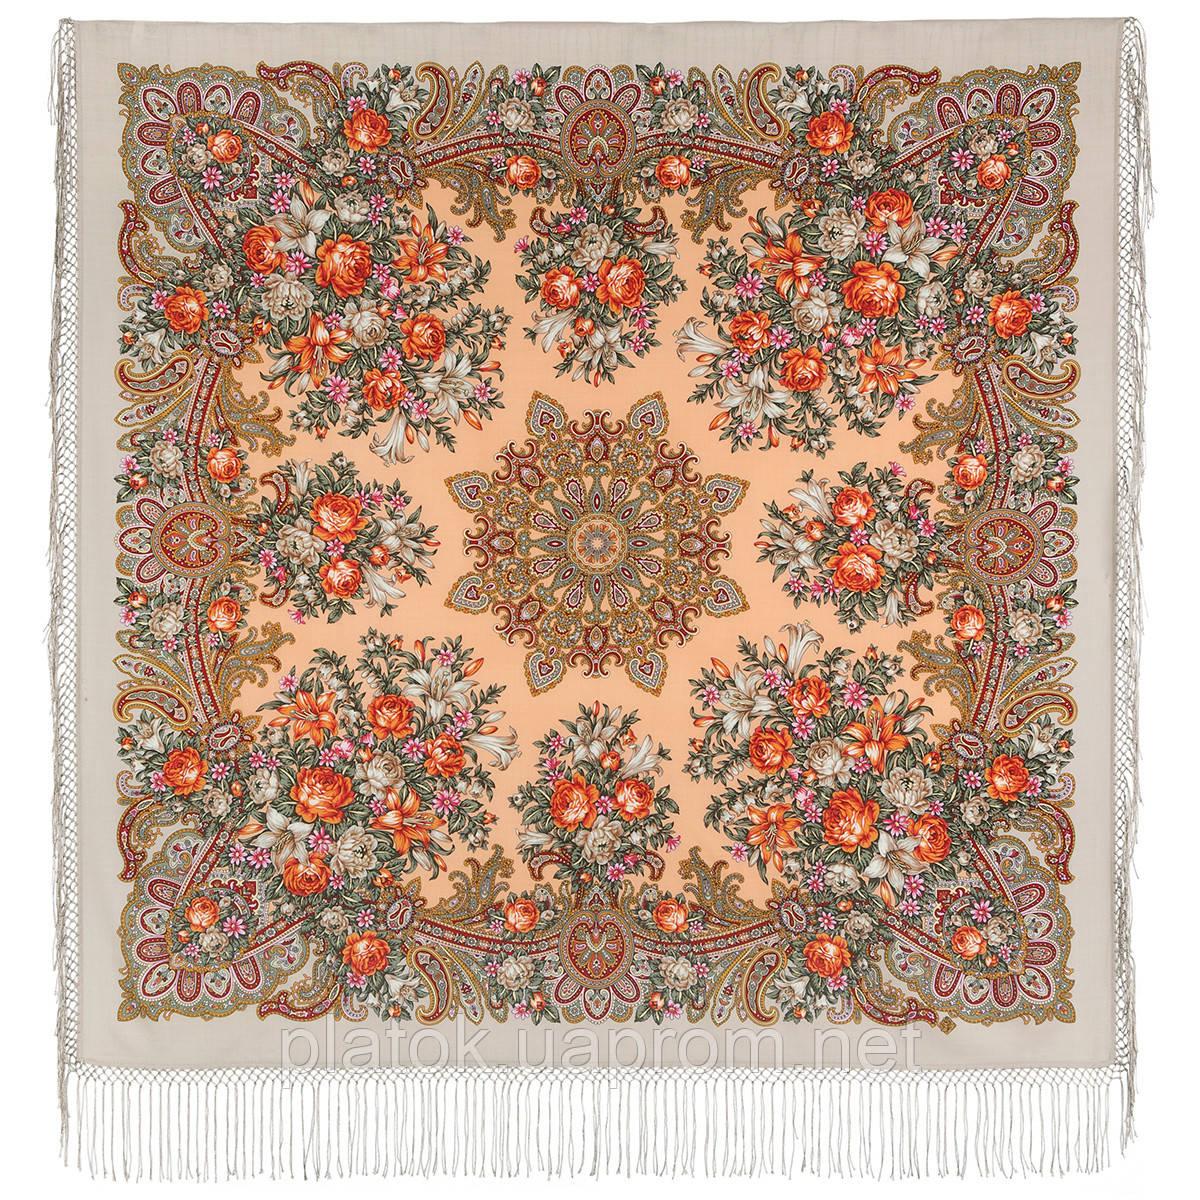 Донські зорі 1801-2, павлопосадский хустку вовняної (двуниточная шерсть) з шовковою бахромою в'язаній